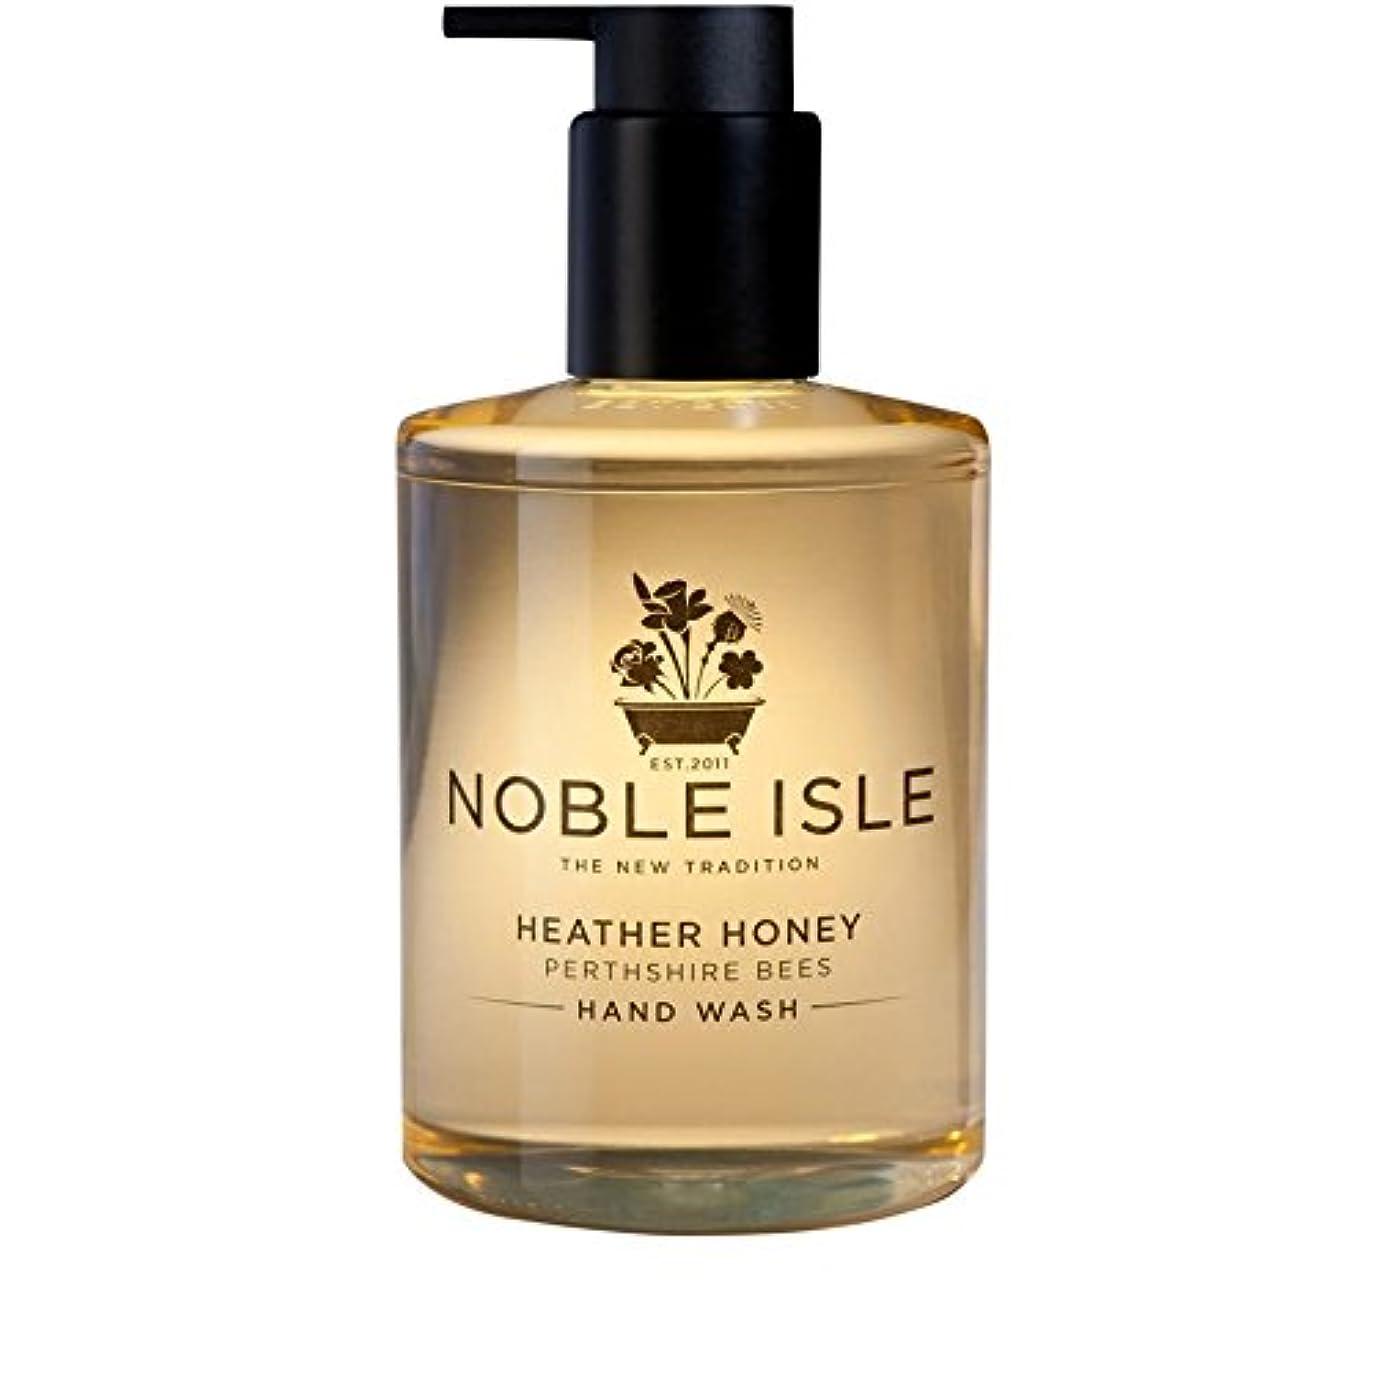 恩恵カバレッジサポートNoble Isle Heather Honey Perthshire Bees Hand Wash 250ml - 高貴な島杢蜂蜜パースシャー蜂のハンドウォッシュ250ミリリットル [並行輸入品]